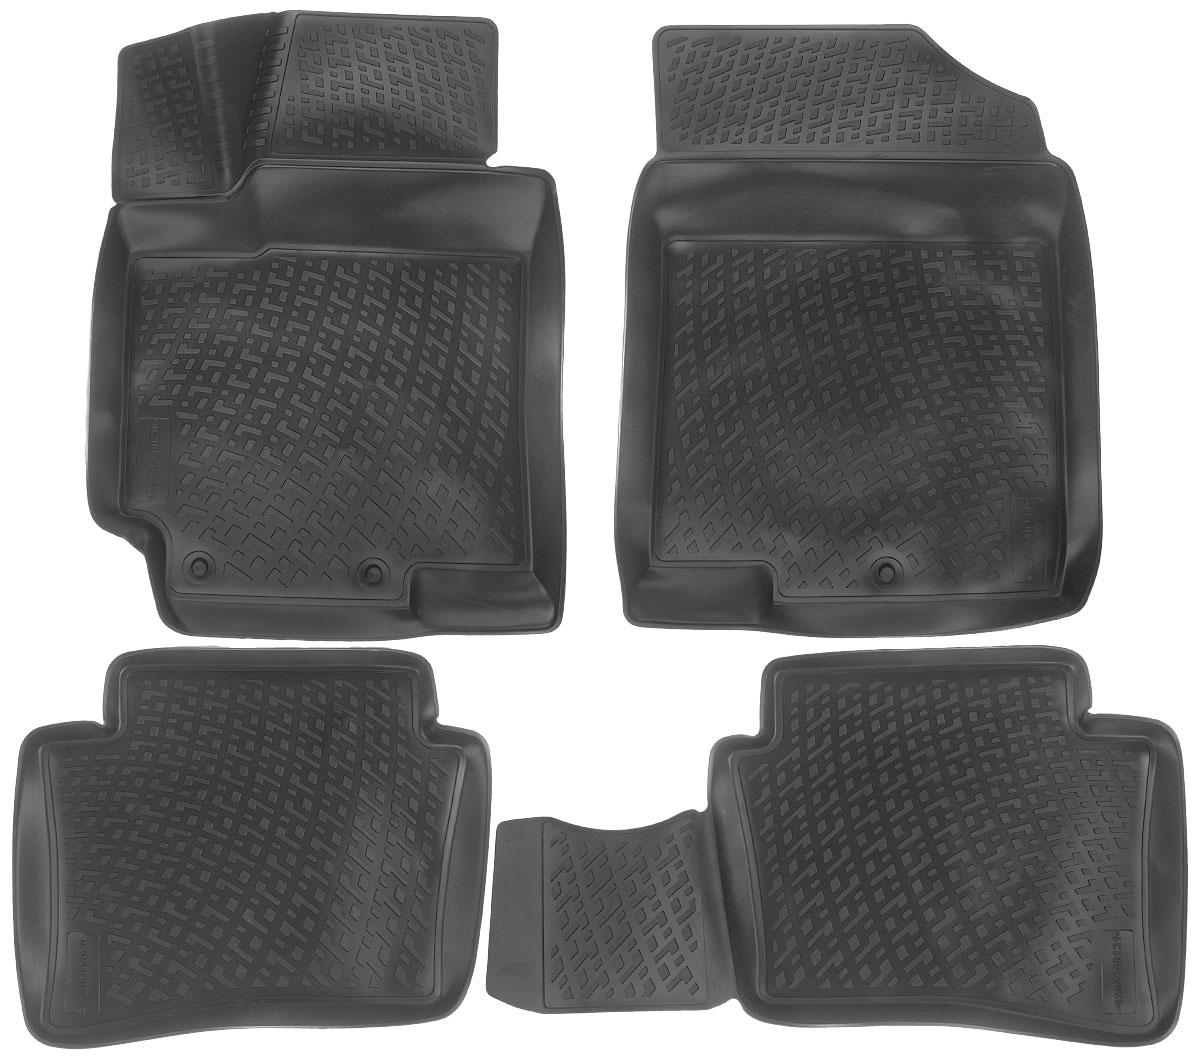 Набор автомобильных ковриков L.Locker Hyundai Solaris 2010, в салон, 4 шт0204140101Набор L.Locker Hyundai Solaris 2010, изготовленный из полиуретана, состоит из 4 антискользящих 3D ковриков, которые производятся индивидуально для каждой модели автомобиля. Изделие точно повторяет геометрию пола автомобиля, имеет высокий борт, обладает повышенной износоустойчивостью, лишено резкого запаха и сохраняет свои потребительские свойства в широком диапазоне температур от -50°С до +50°С. Комплектация: 4 шт. Размер ковриков: 75 см х 57 см; 56 см х 45 см; 56 см х 45 см; 75 см х 57 см.